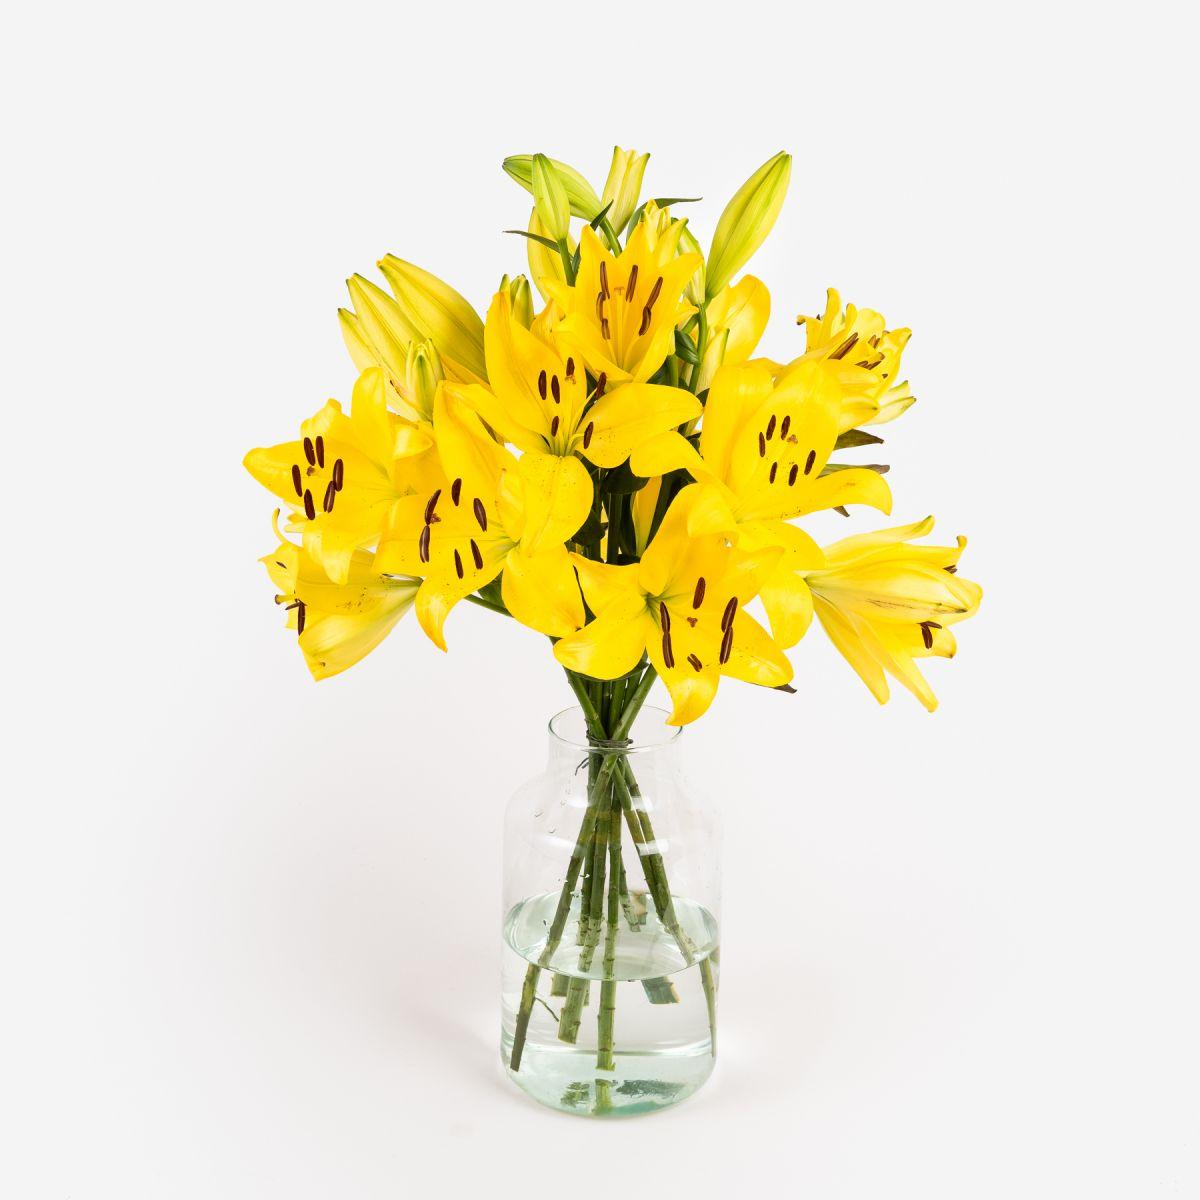 Mazzo di Gigli gialli - Beau Soleil - Fiori a domicilio - Colvin